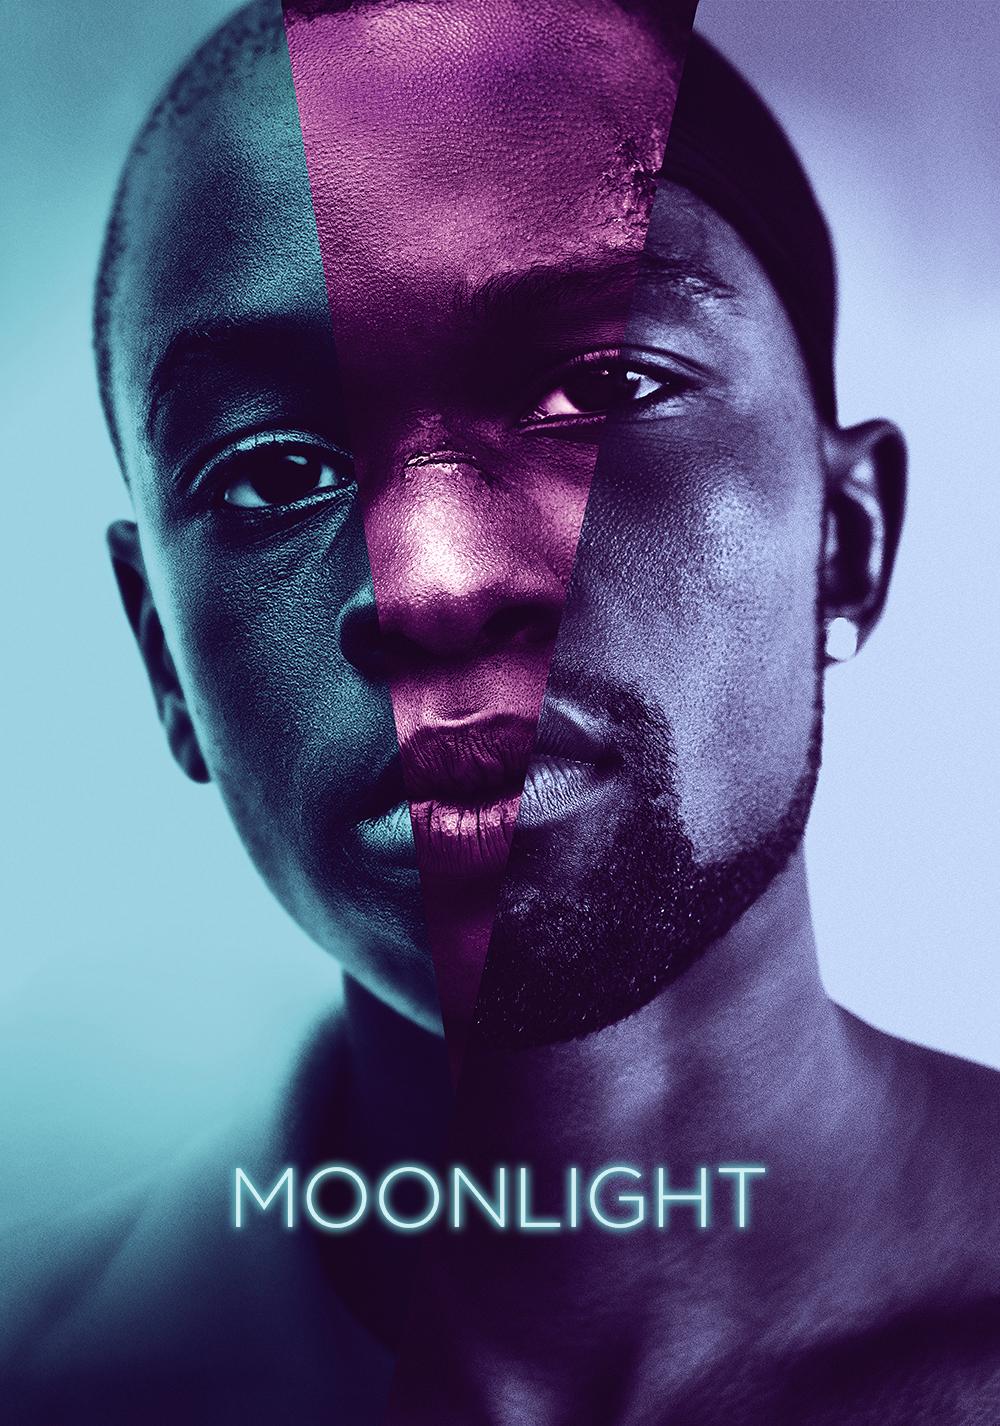 moonlight-588ca7e8d5254